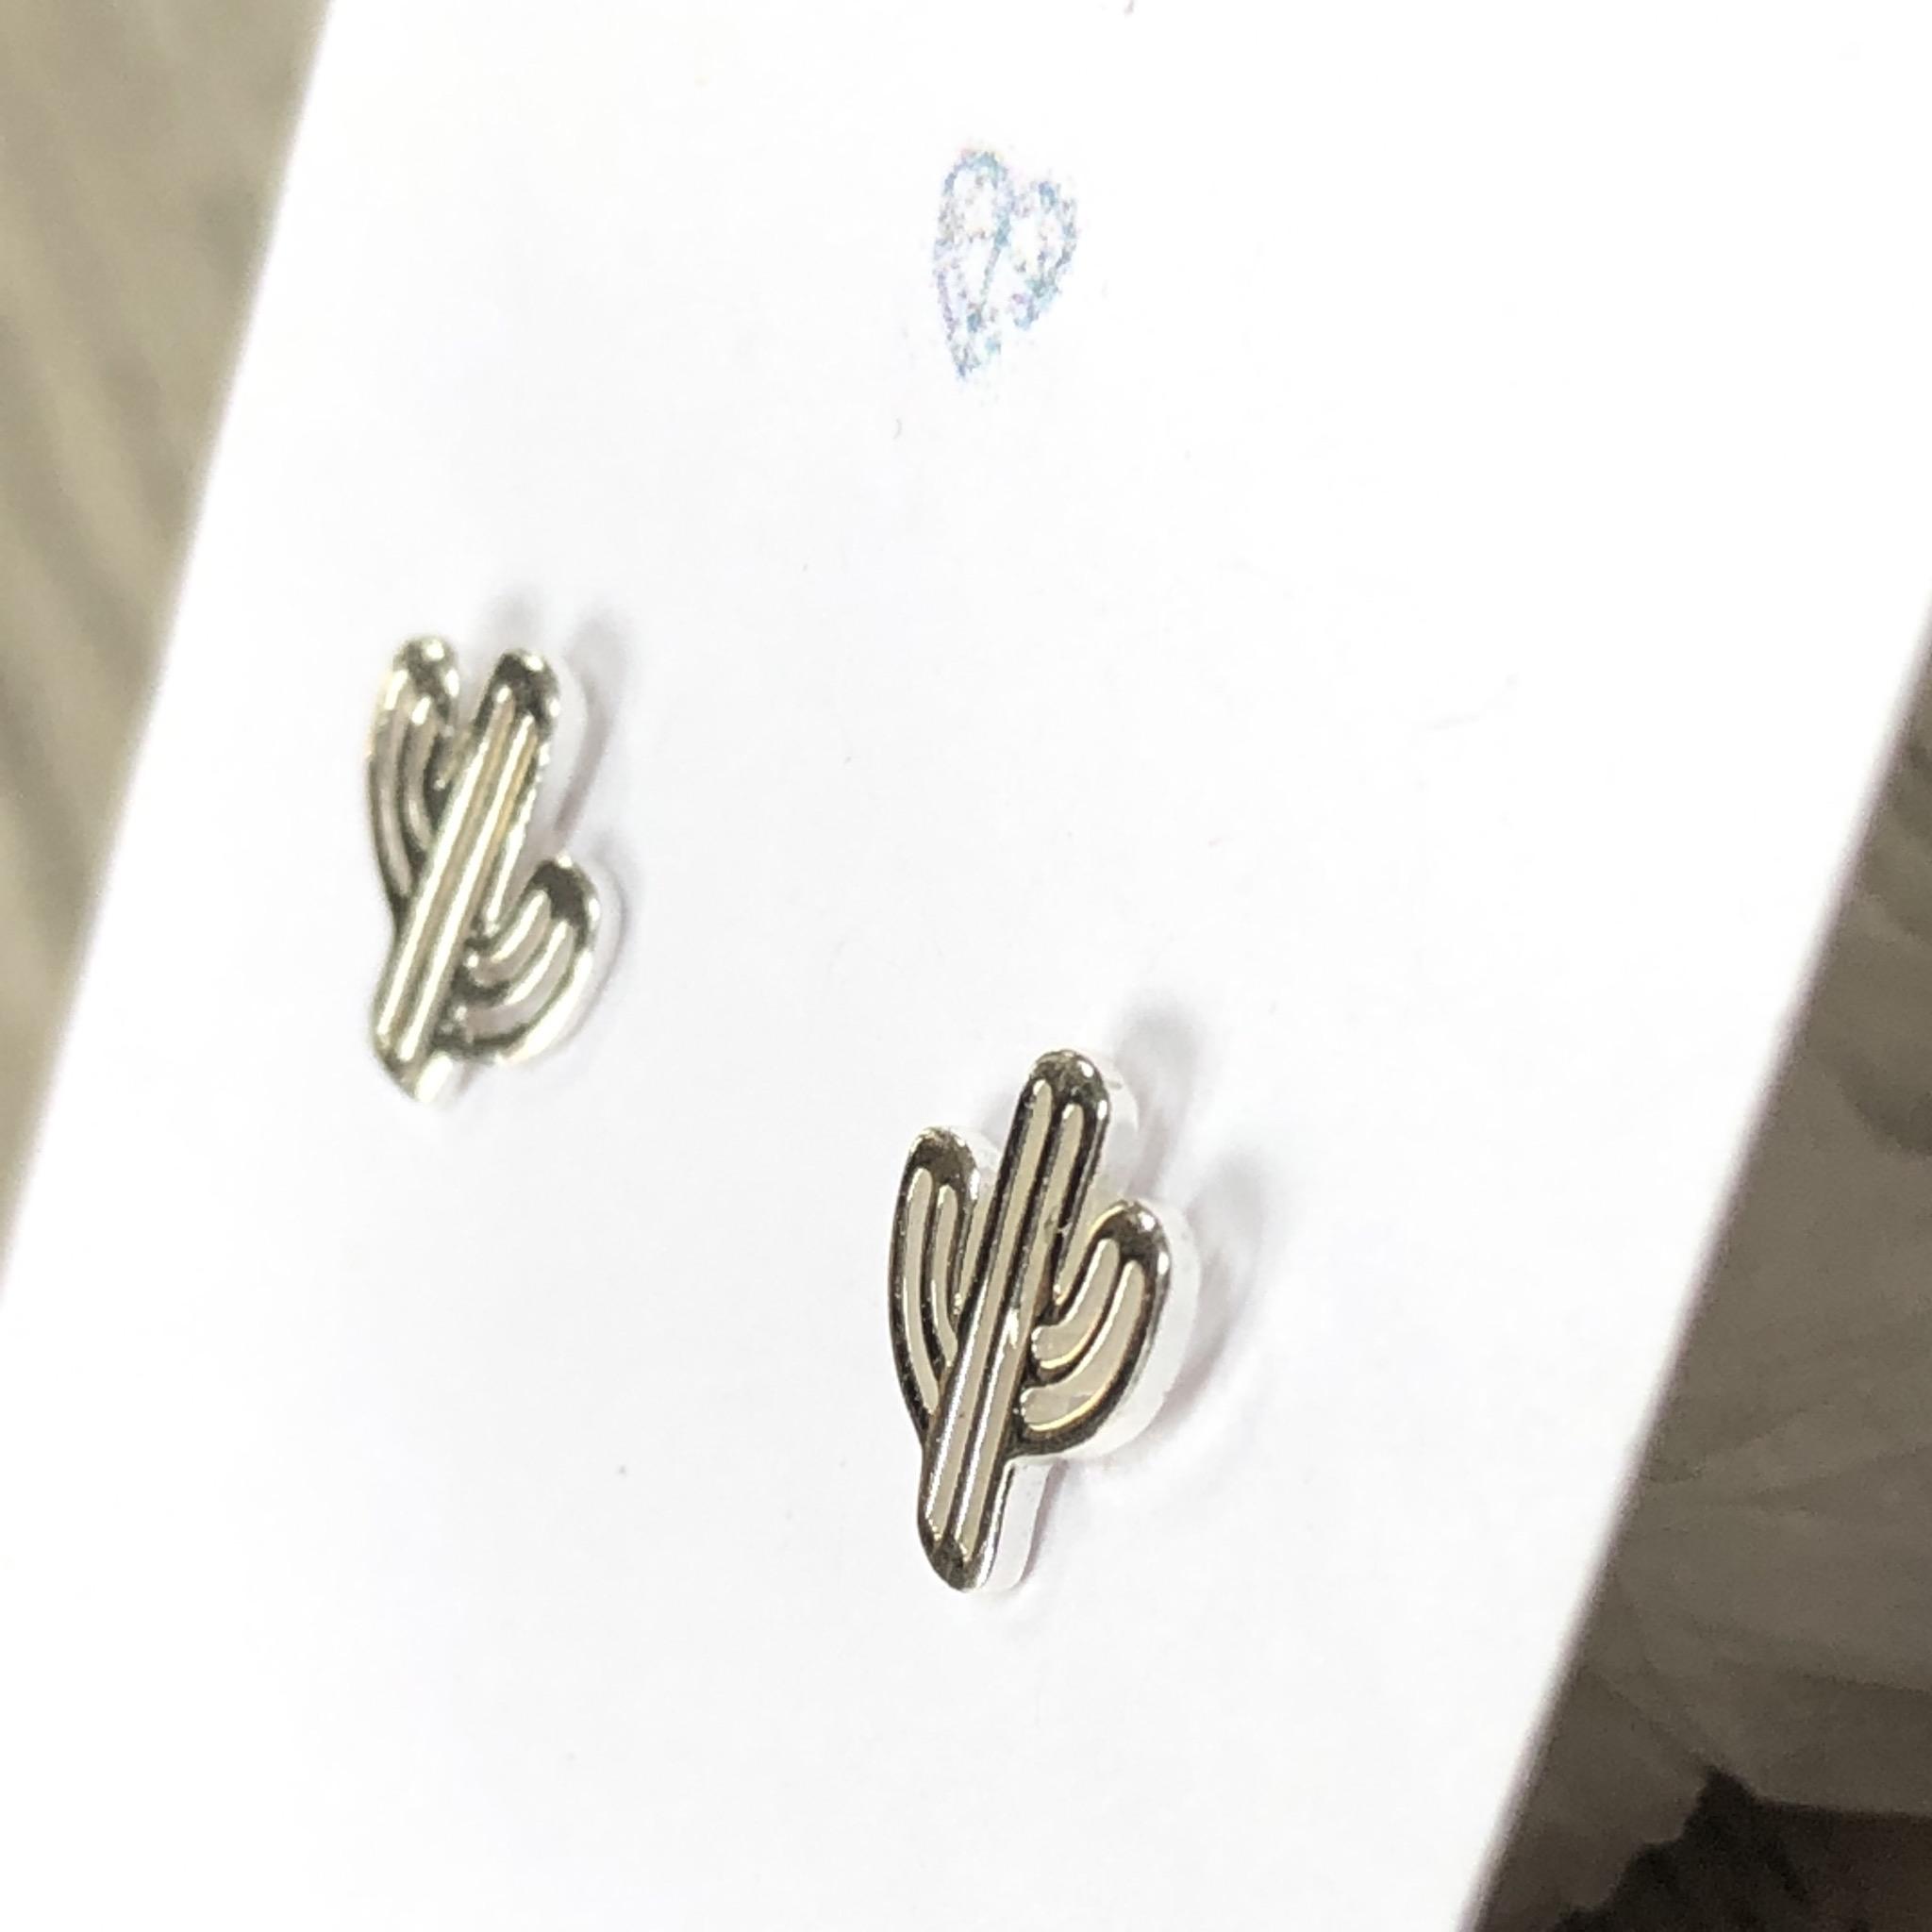 Cactus sterling silver stud earrings